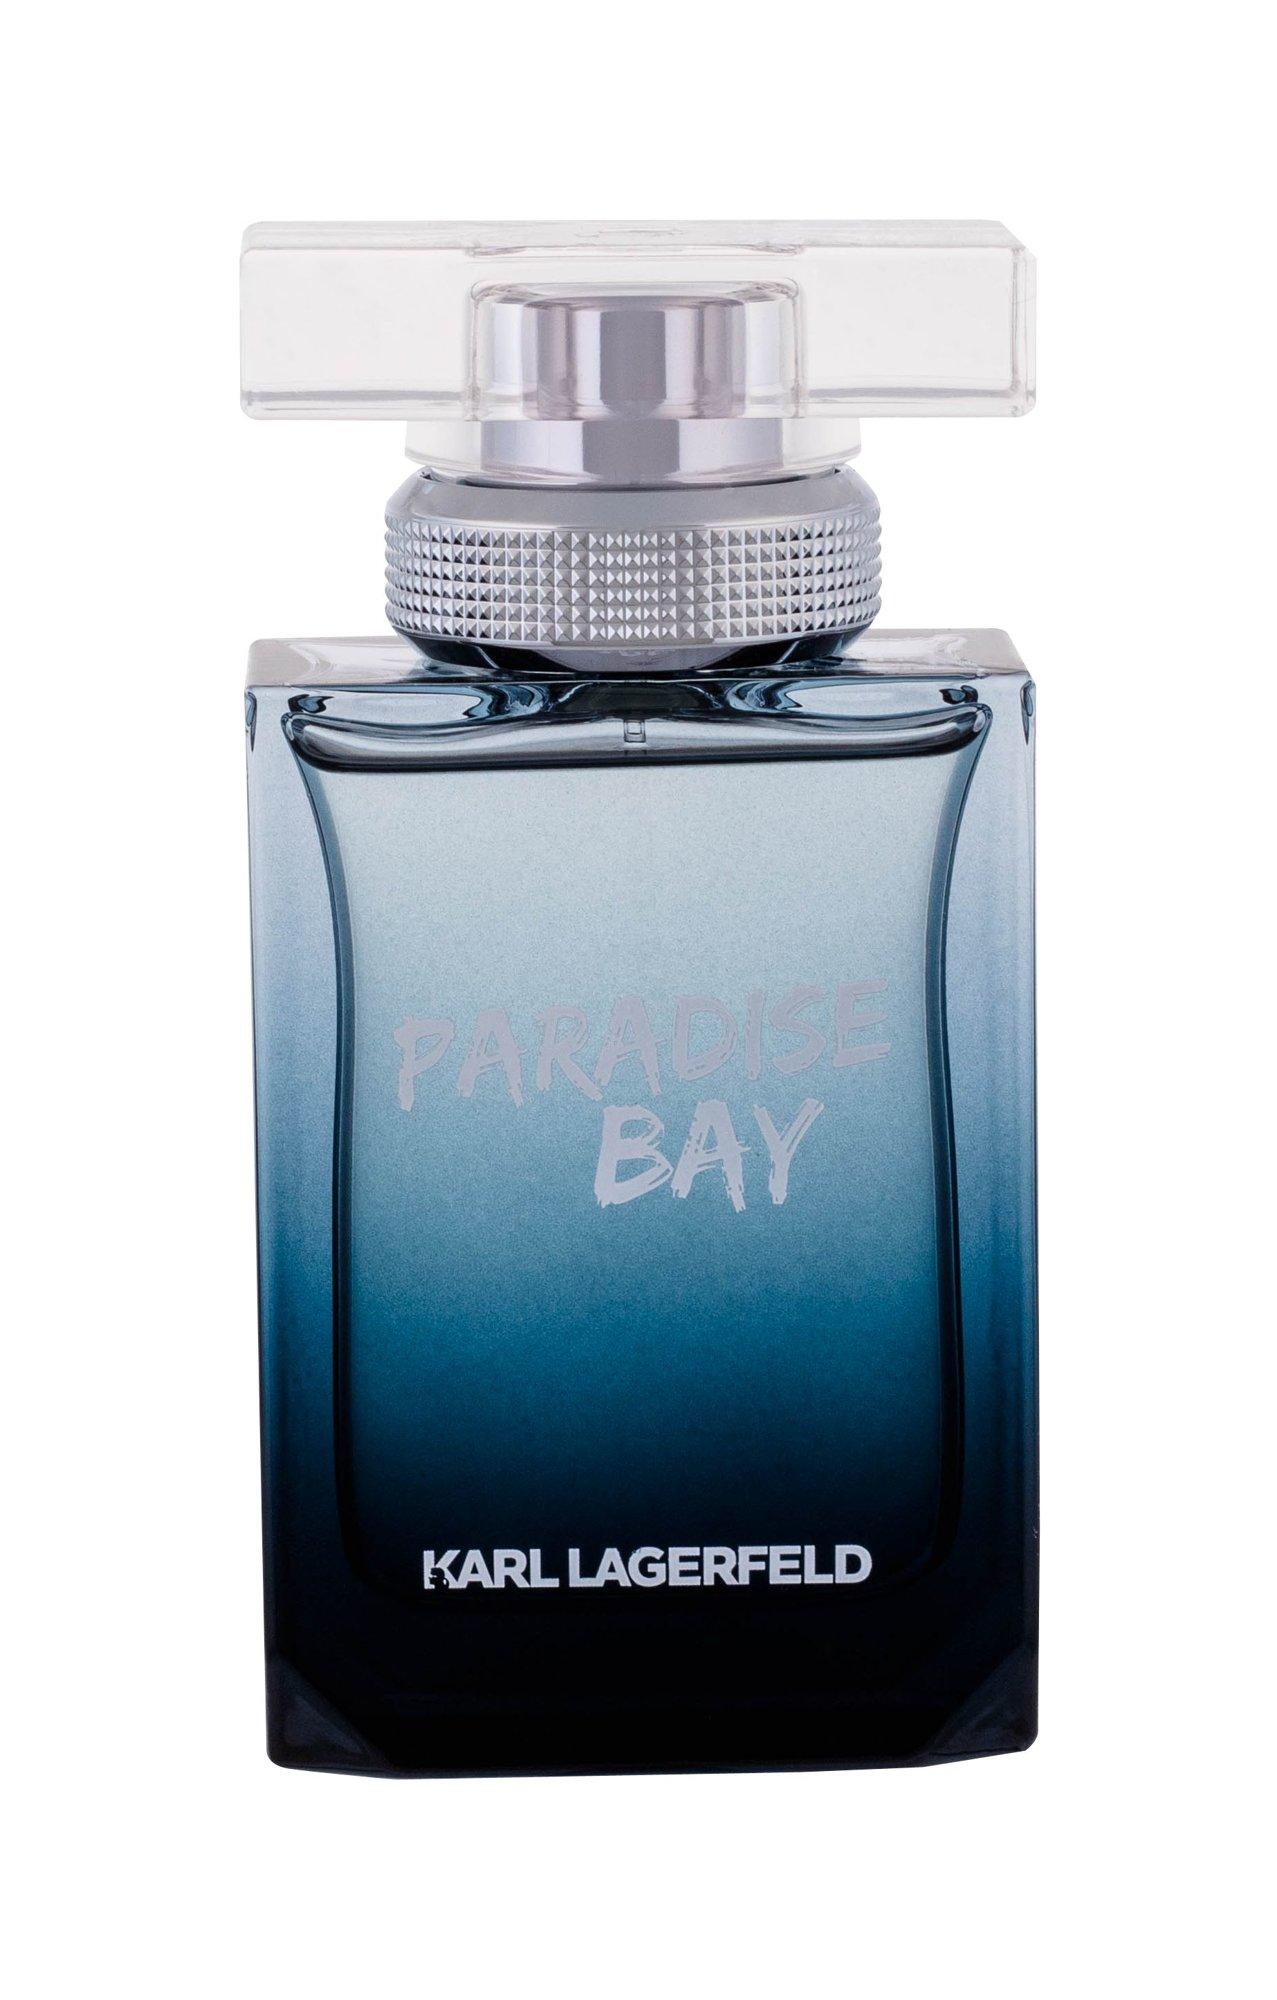 Karl Lagerfeld Karl Lagerfeld Paradise Bay Eau de Toilette 50ml